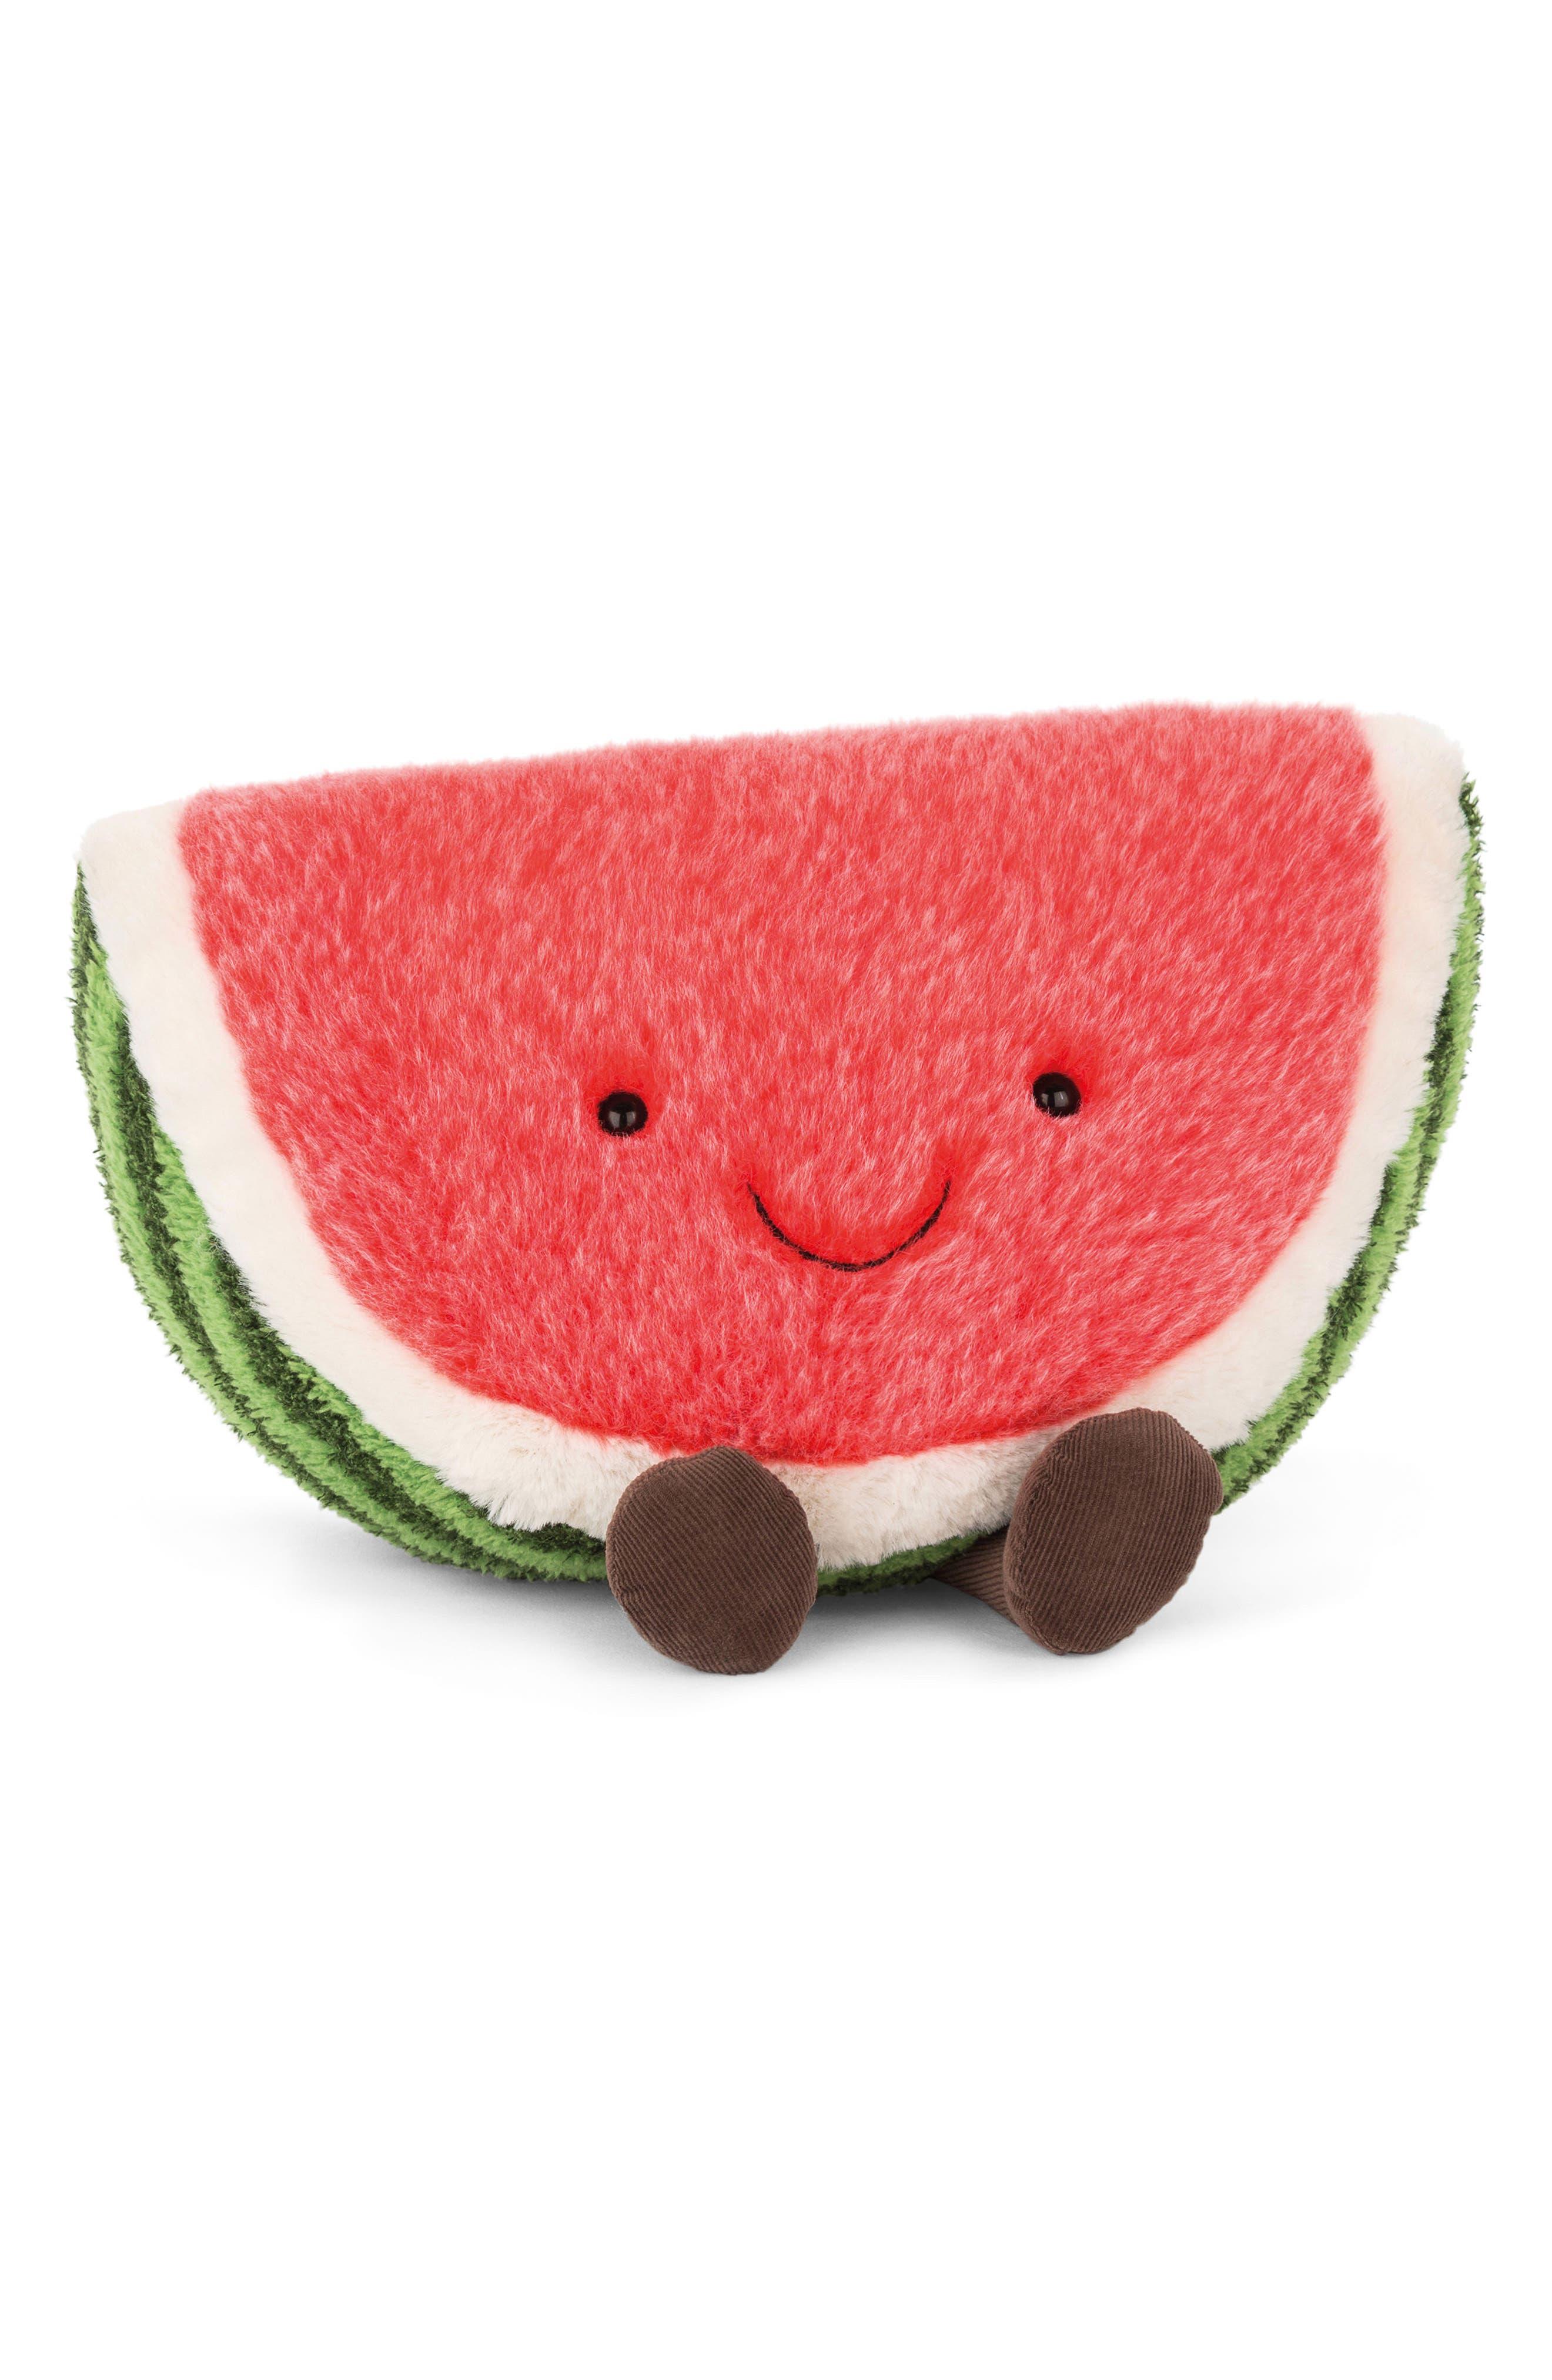 Amuseable Watermelon Plush Toy,                         Main,                         color, 600